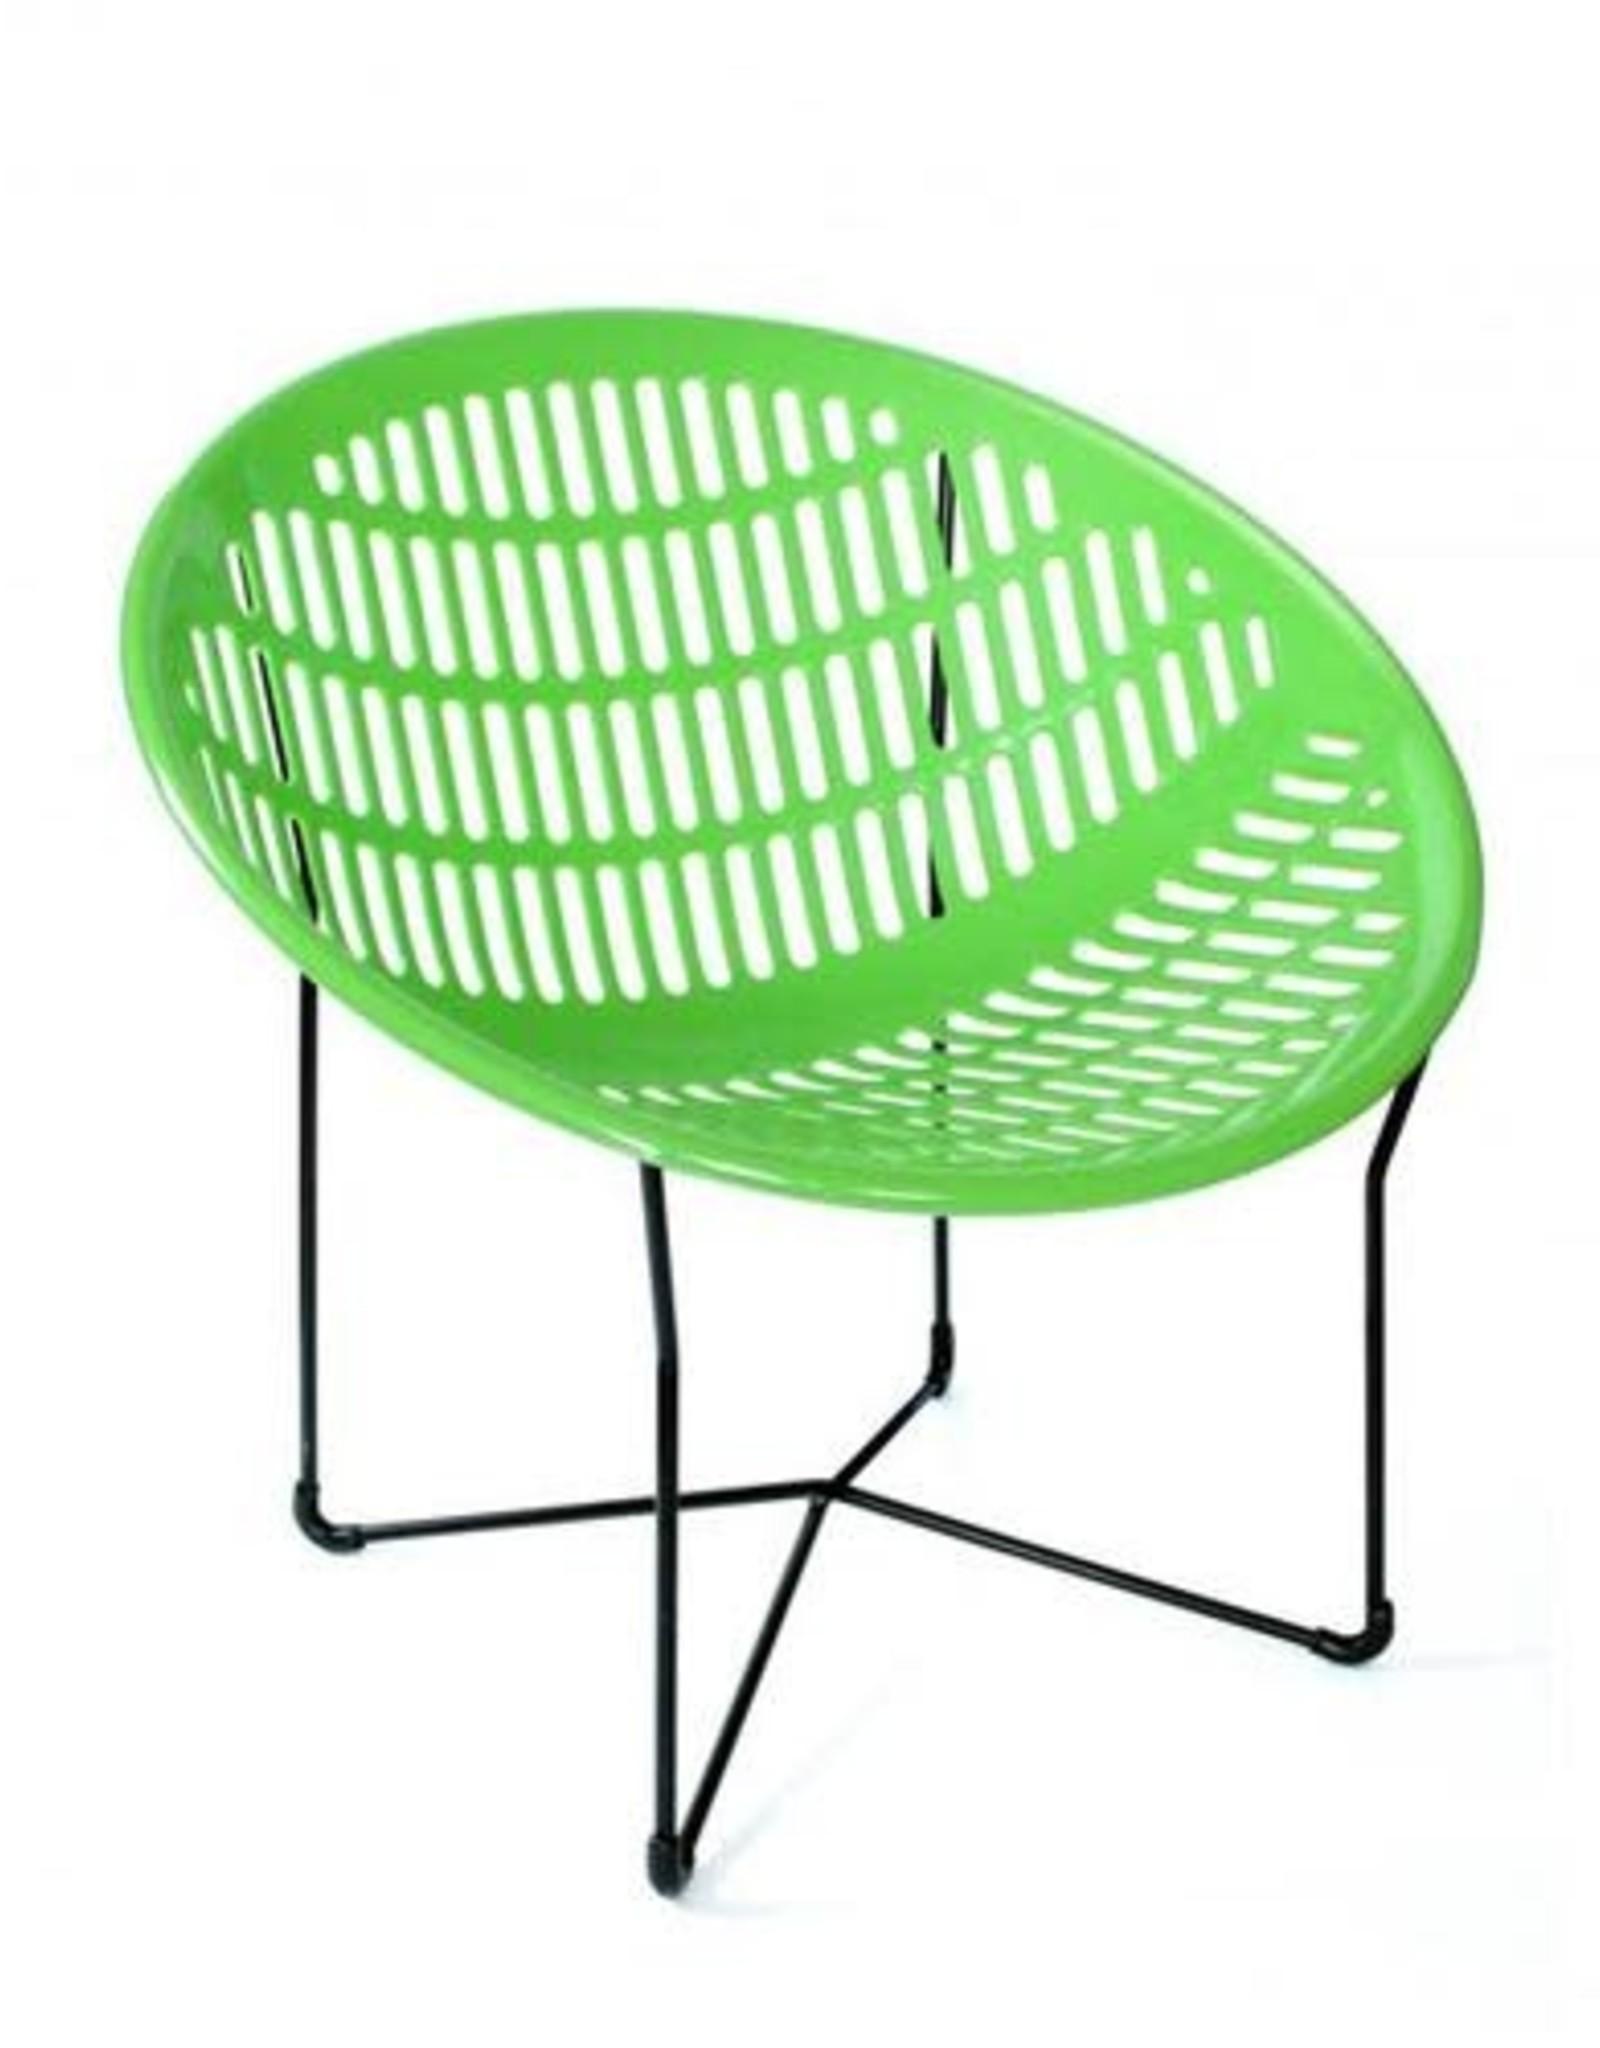 Solair Chair Solair Chair